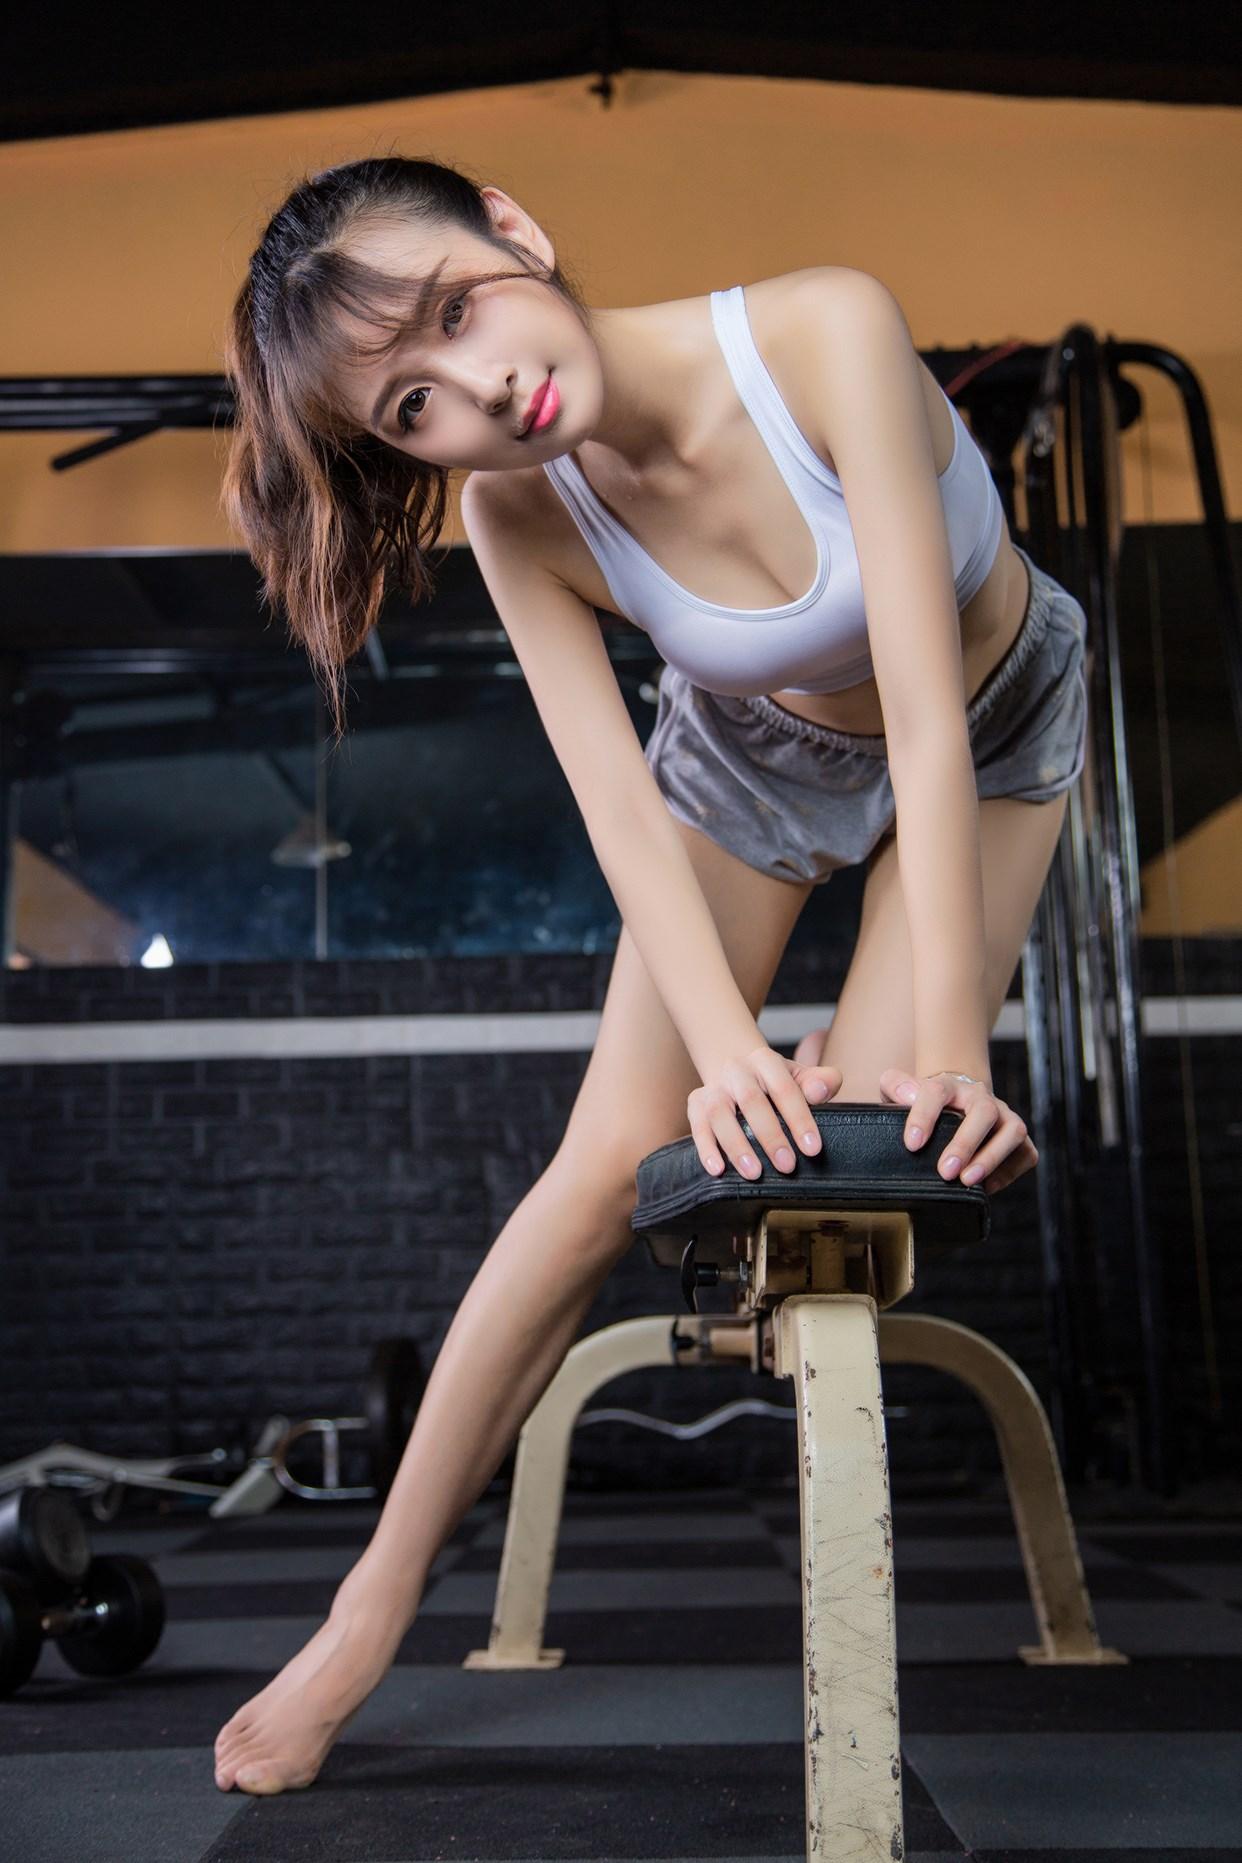 【兔玩映画】健身房的少女 兔玩映画 第14张